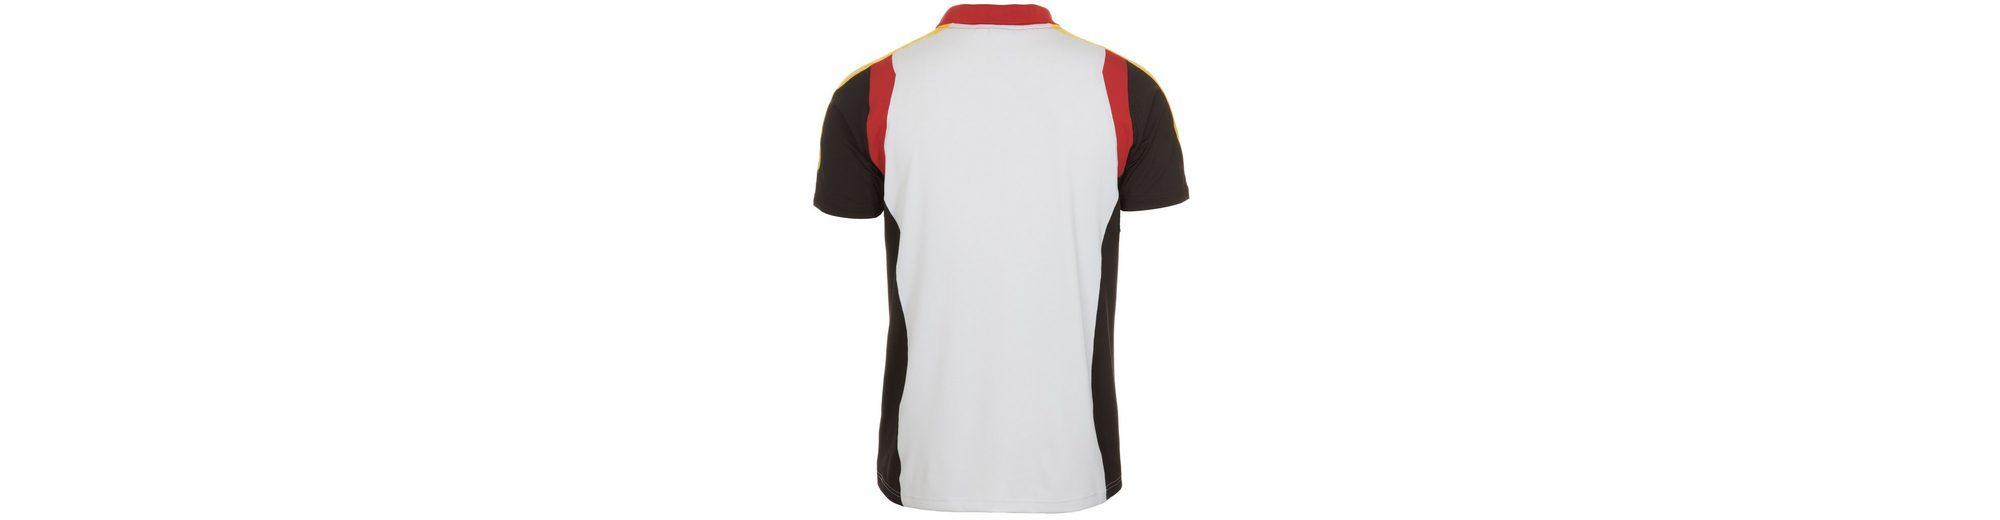 ERIMA Premium One Poloshirt Herren Spielraum Veröffentlichungstermine Authentisch Billig Verkaufen Die Billigsten Günstig Kaufen Zum Verkauf Rabatt Günstig Online tETSxIzl